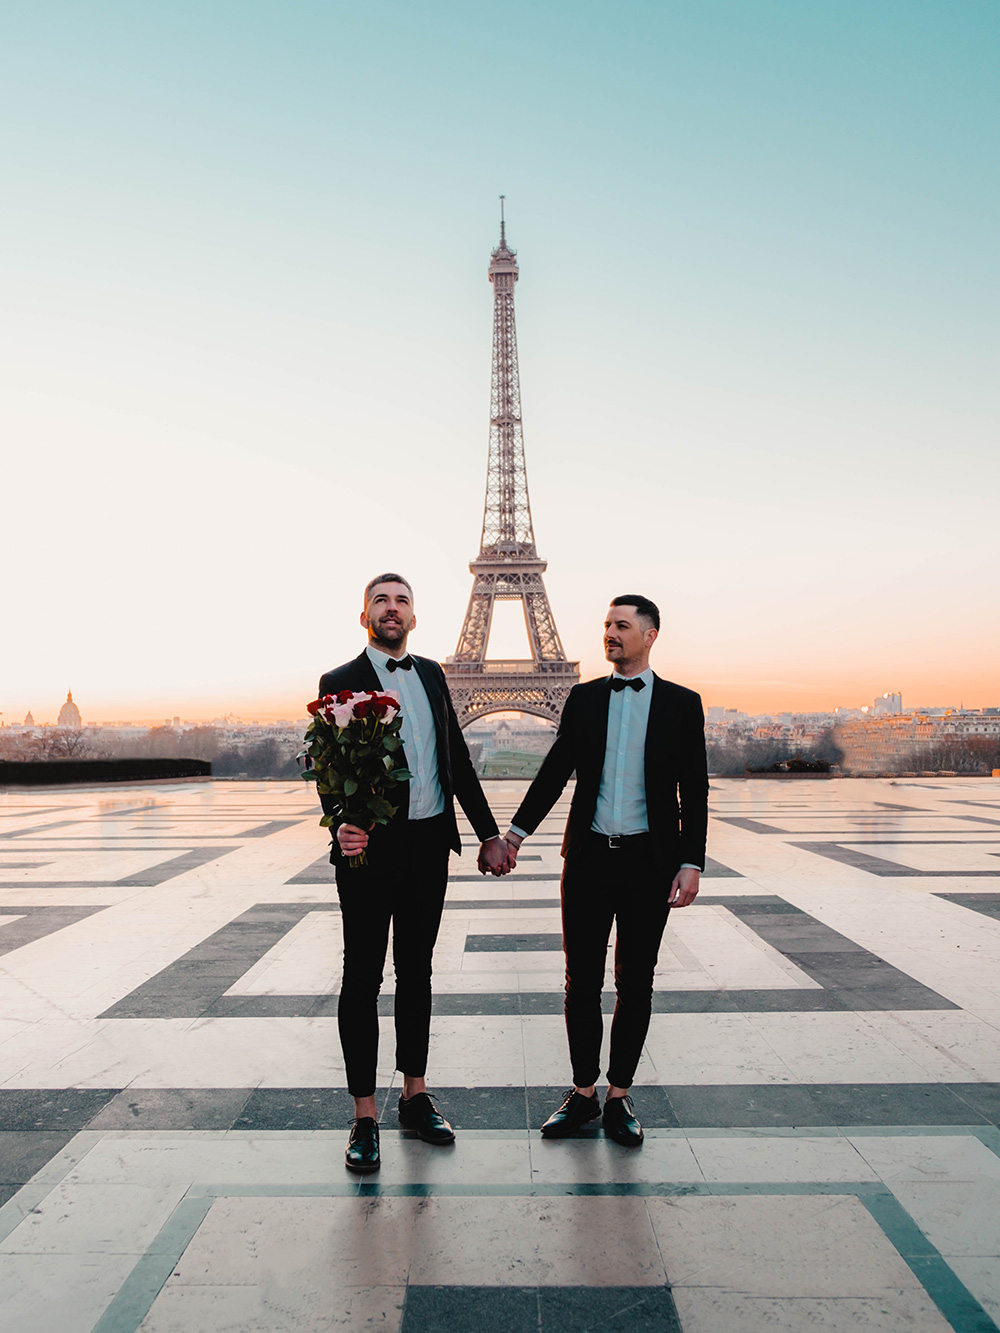 Séance photos romantique avec notre belle Tour Eiffel